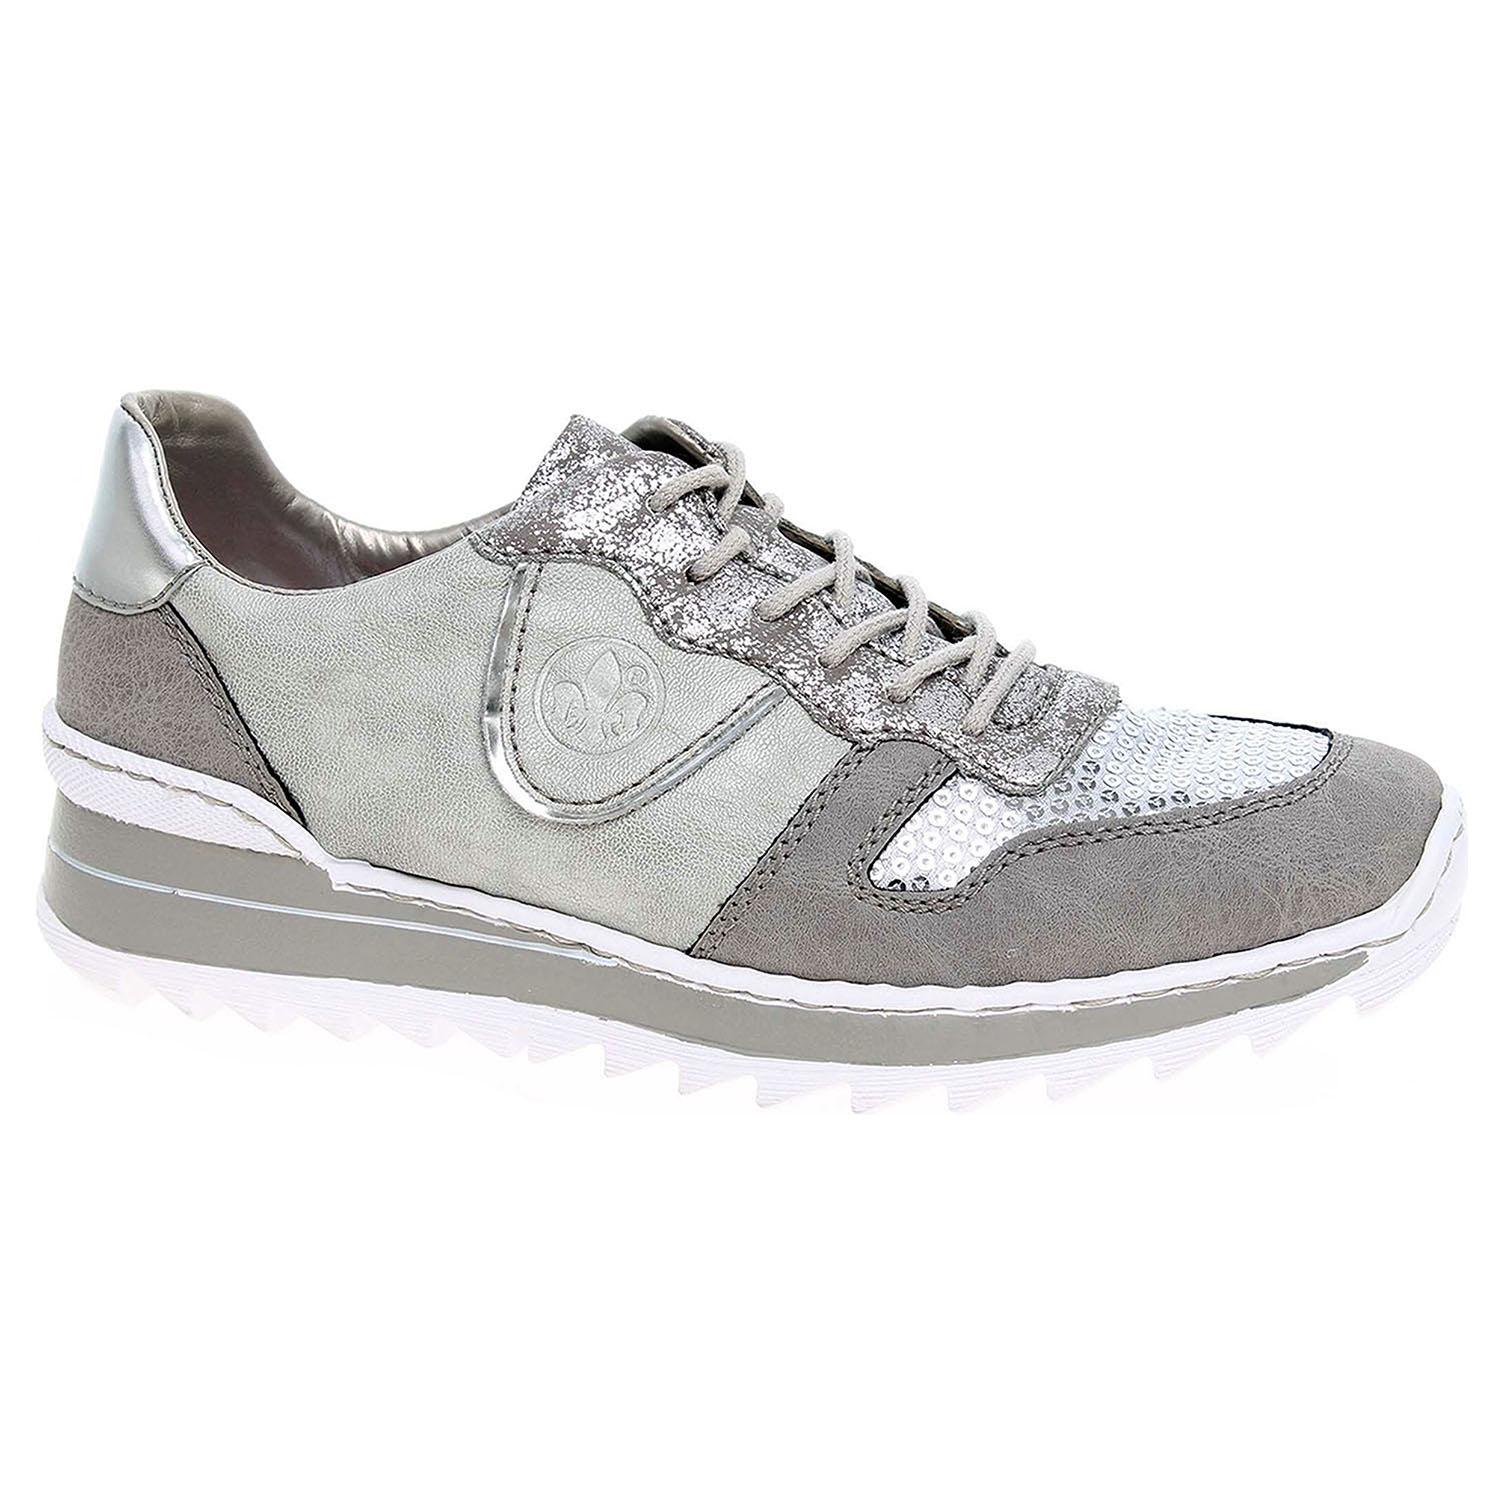 Dámská obuv Rieker M6902-42 šedá 37